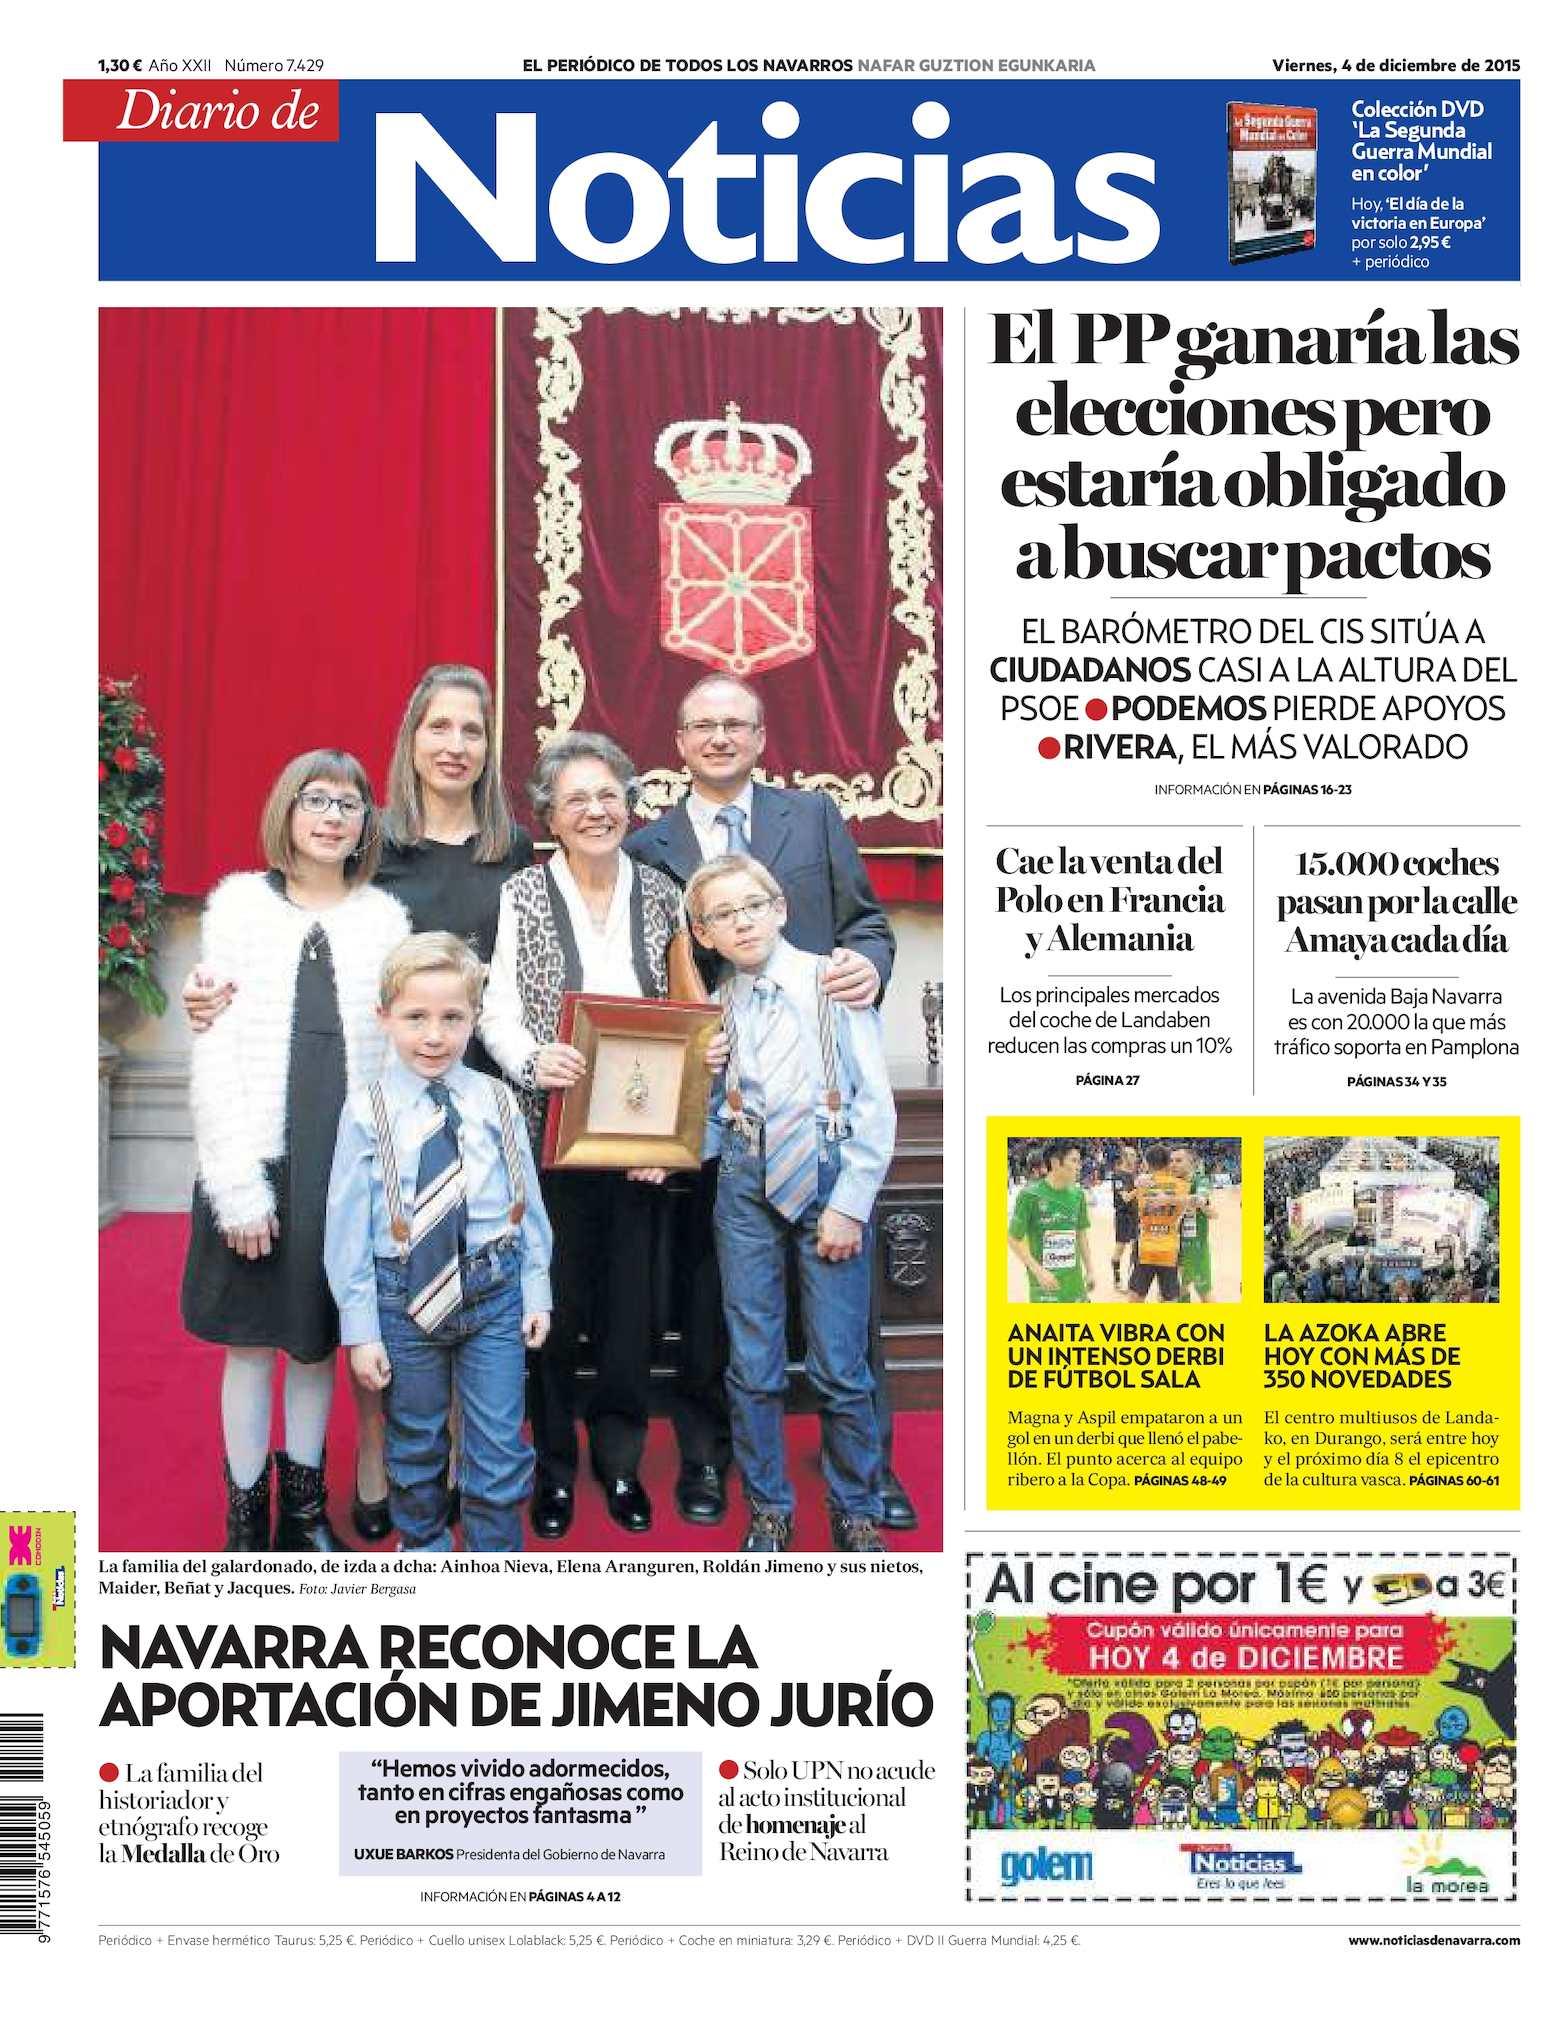 Calaméo - Diario de Noticias 20151204 b4c480517de4